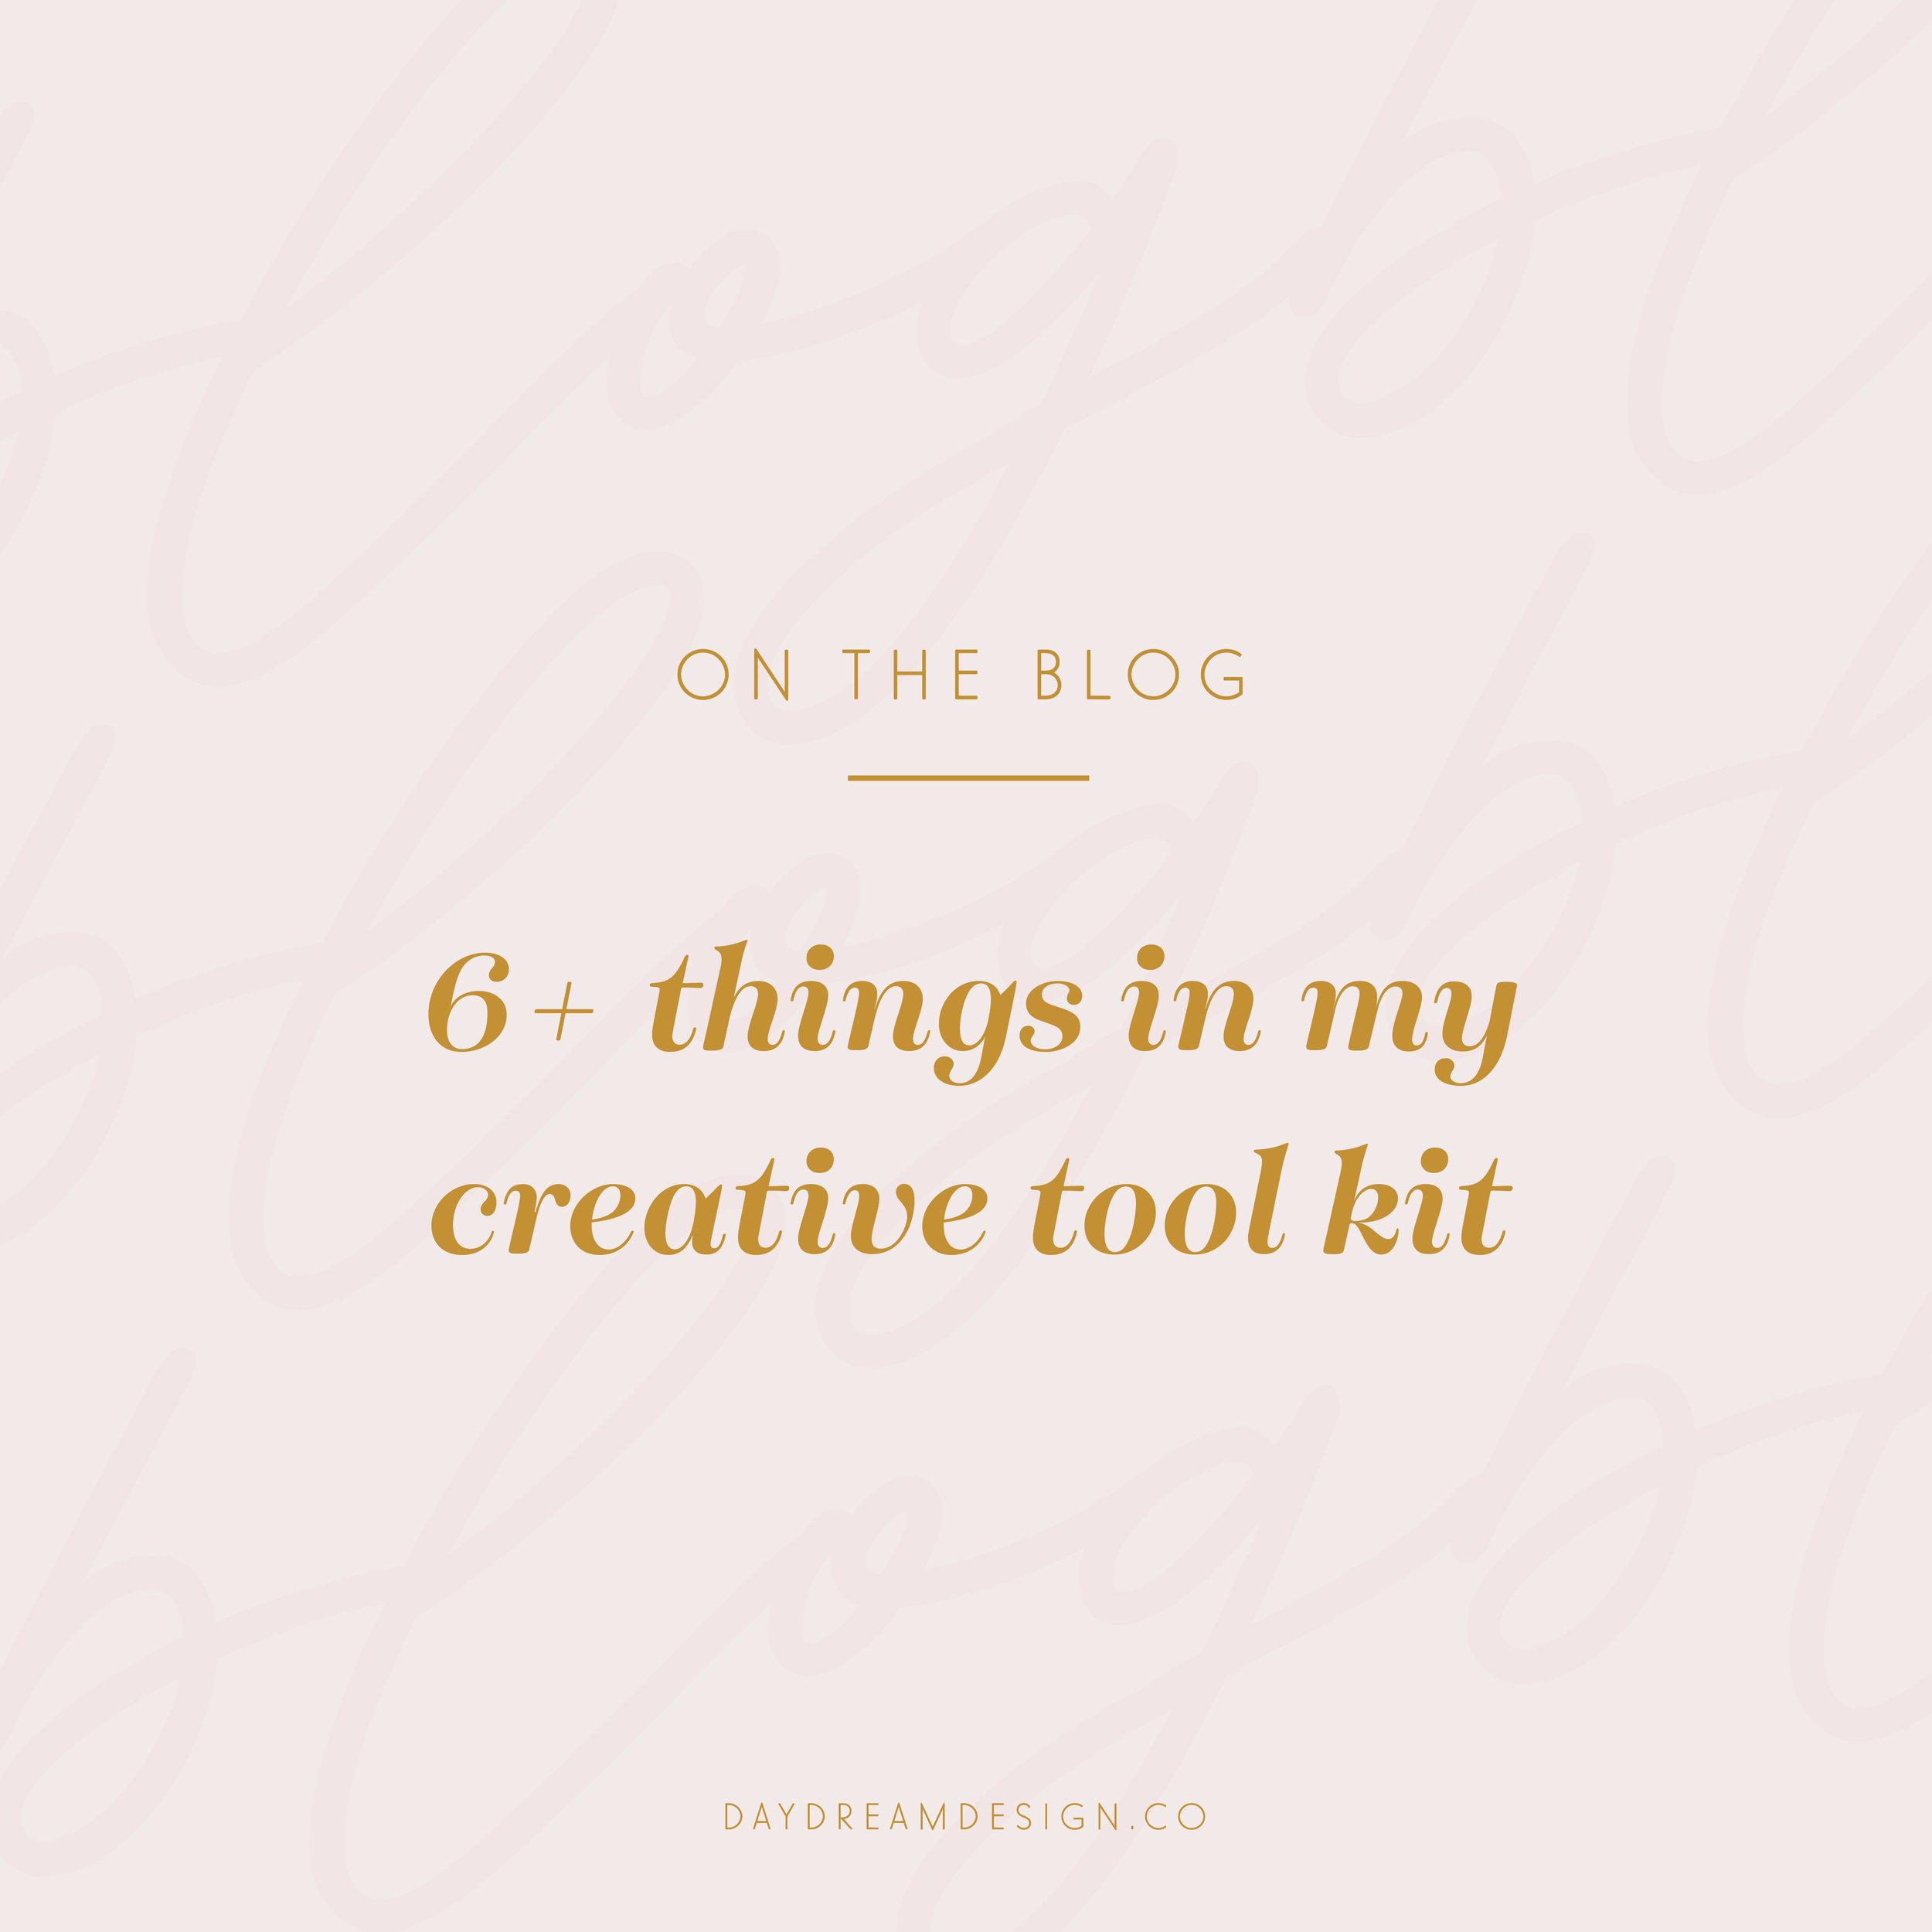 6-things-in-my-creative-toolkit-ddco.jpg